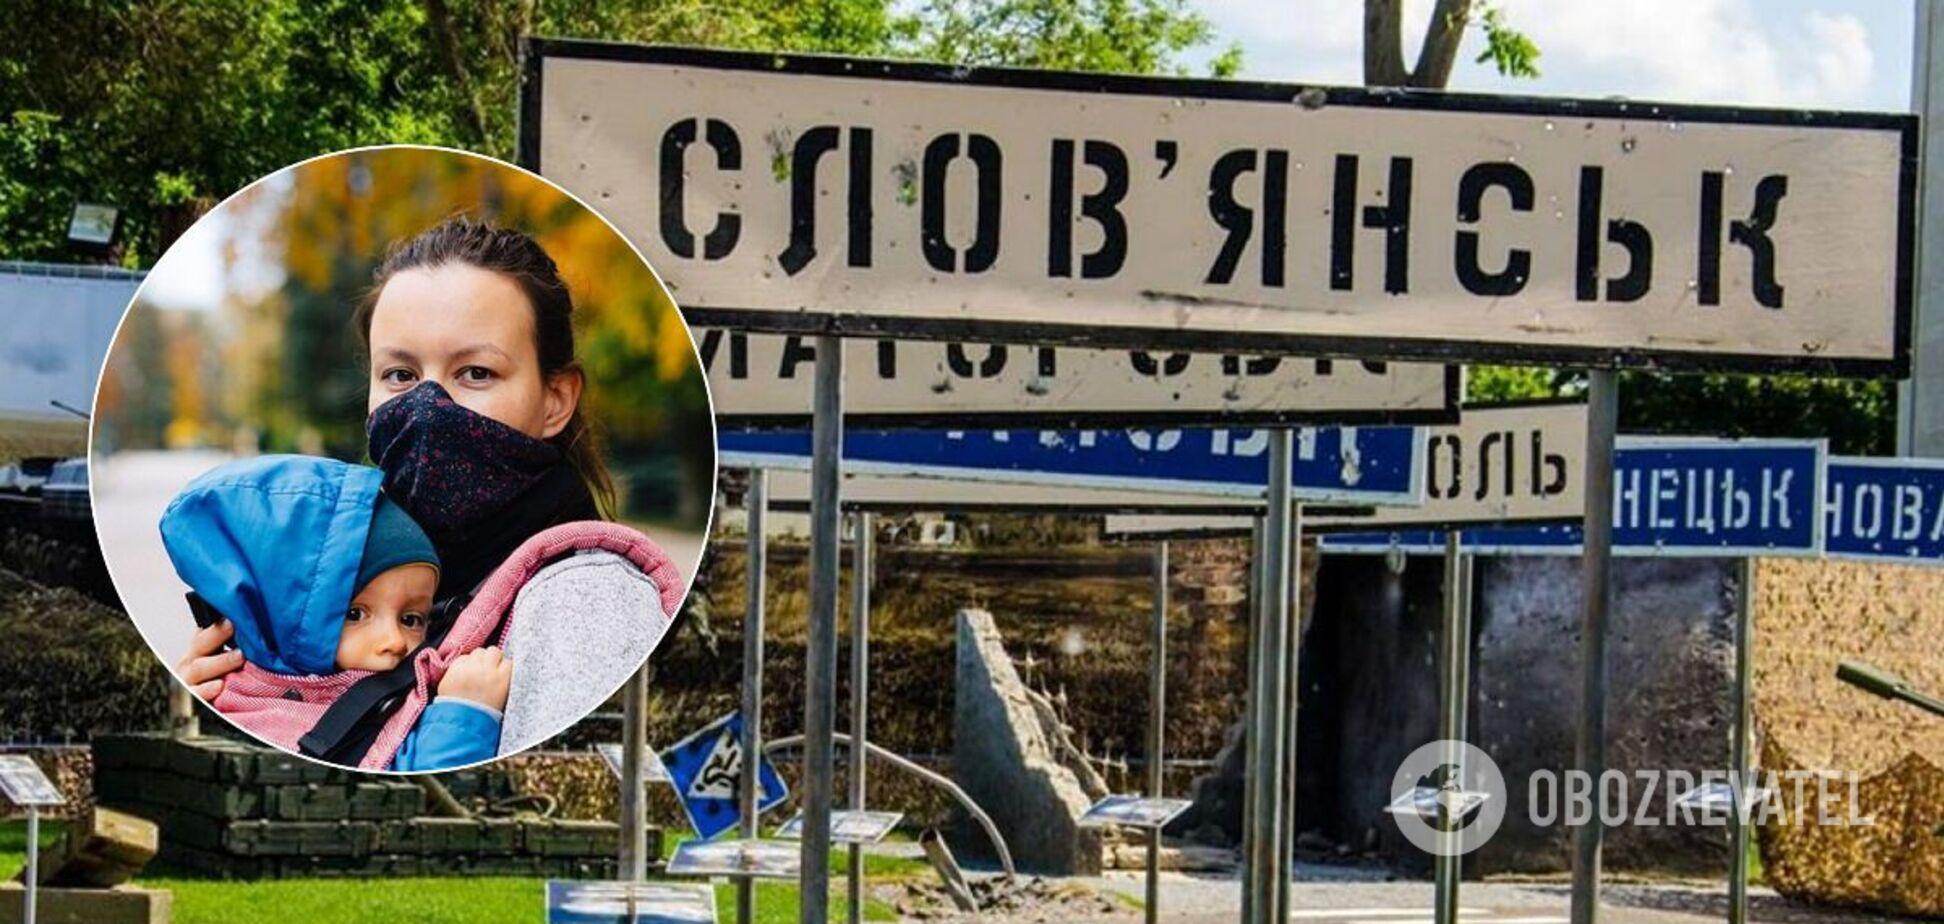 По словам мэра, выходной в Славянске и Киеве существенно отличается